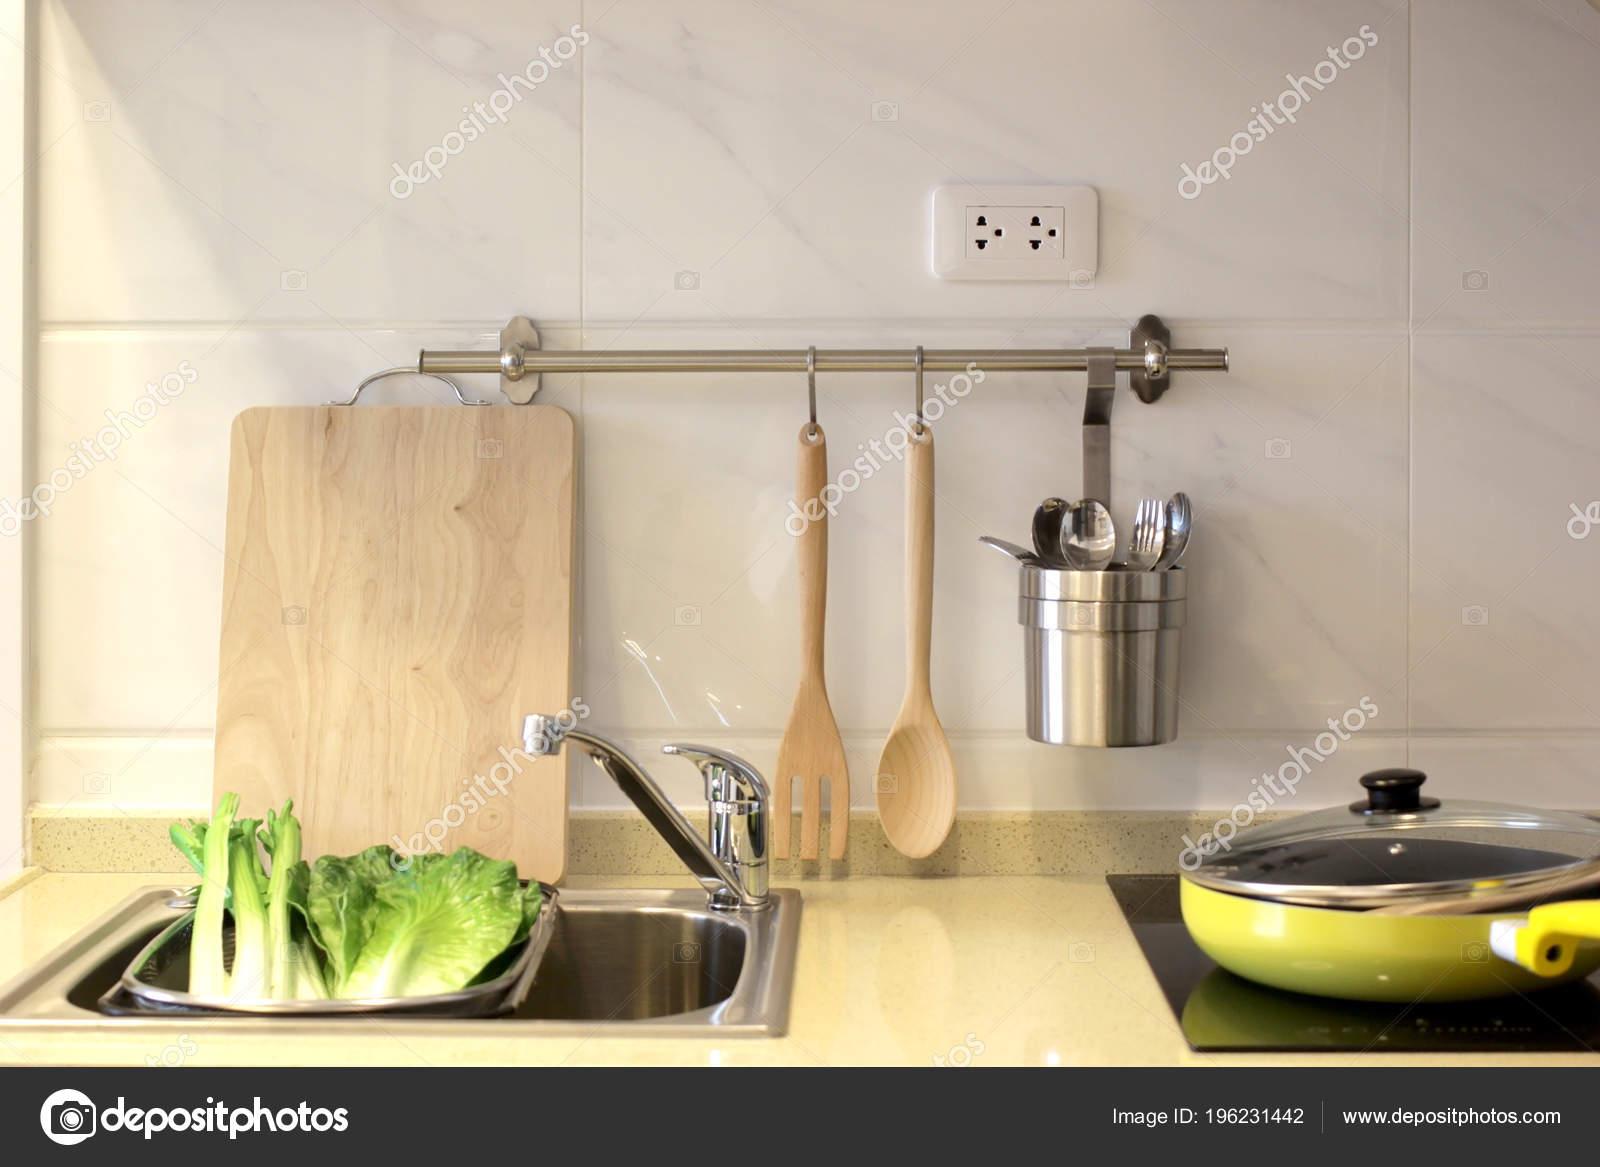 Innenarchitektur Küchenschrank Mit Spüle Und Elektroherd — Stockfoto ...